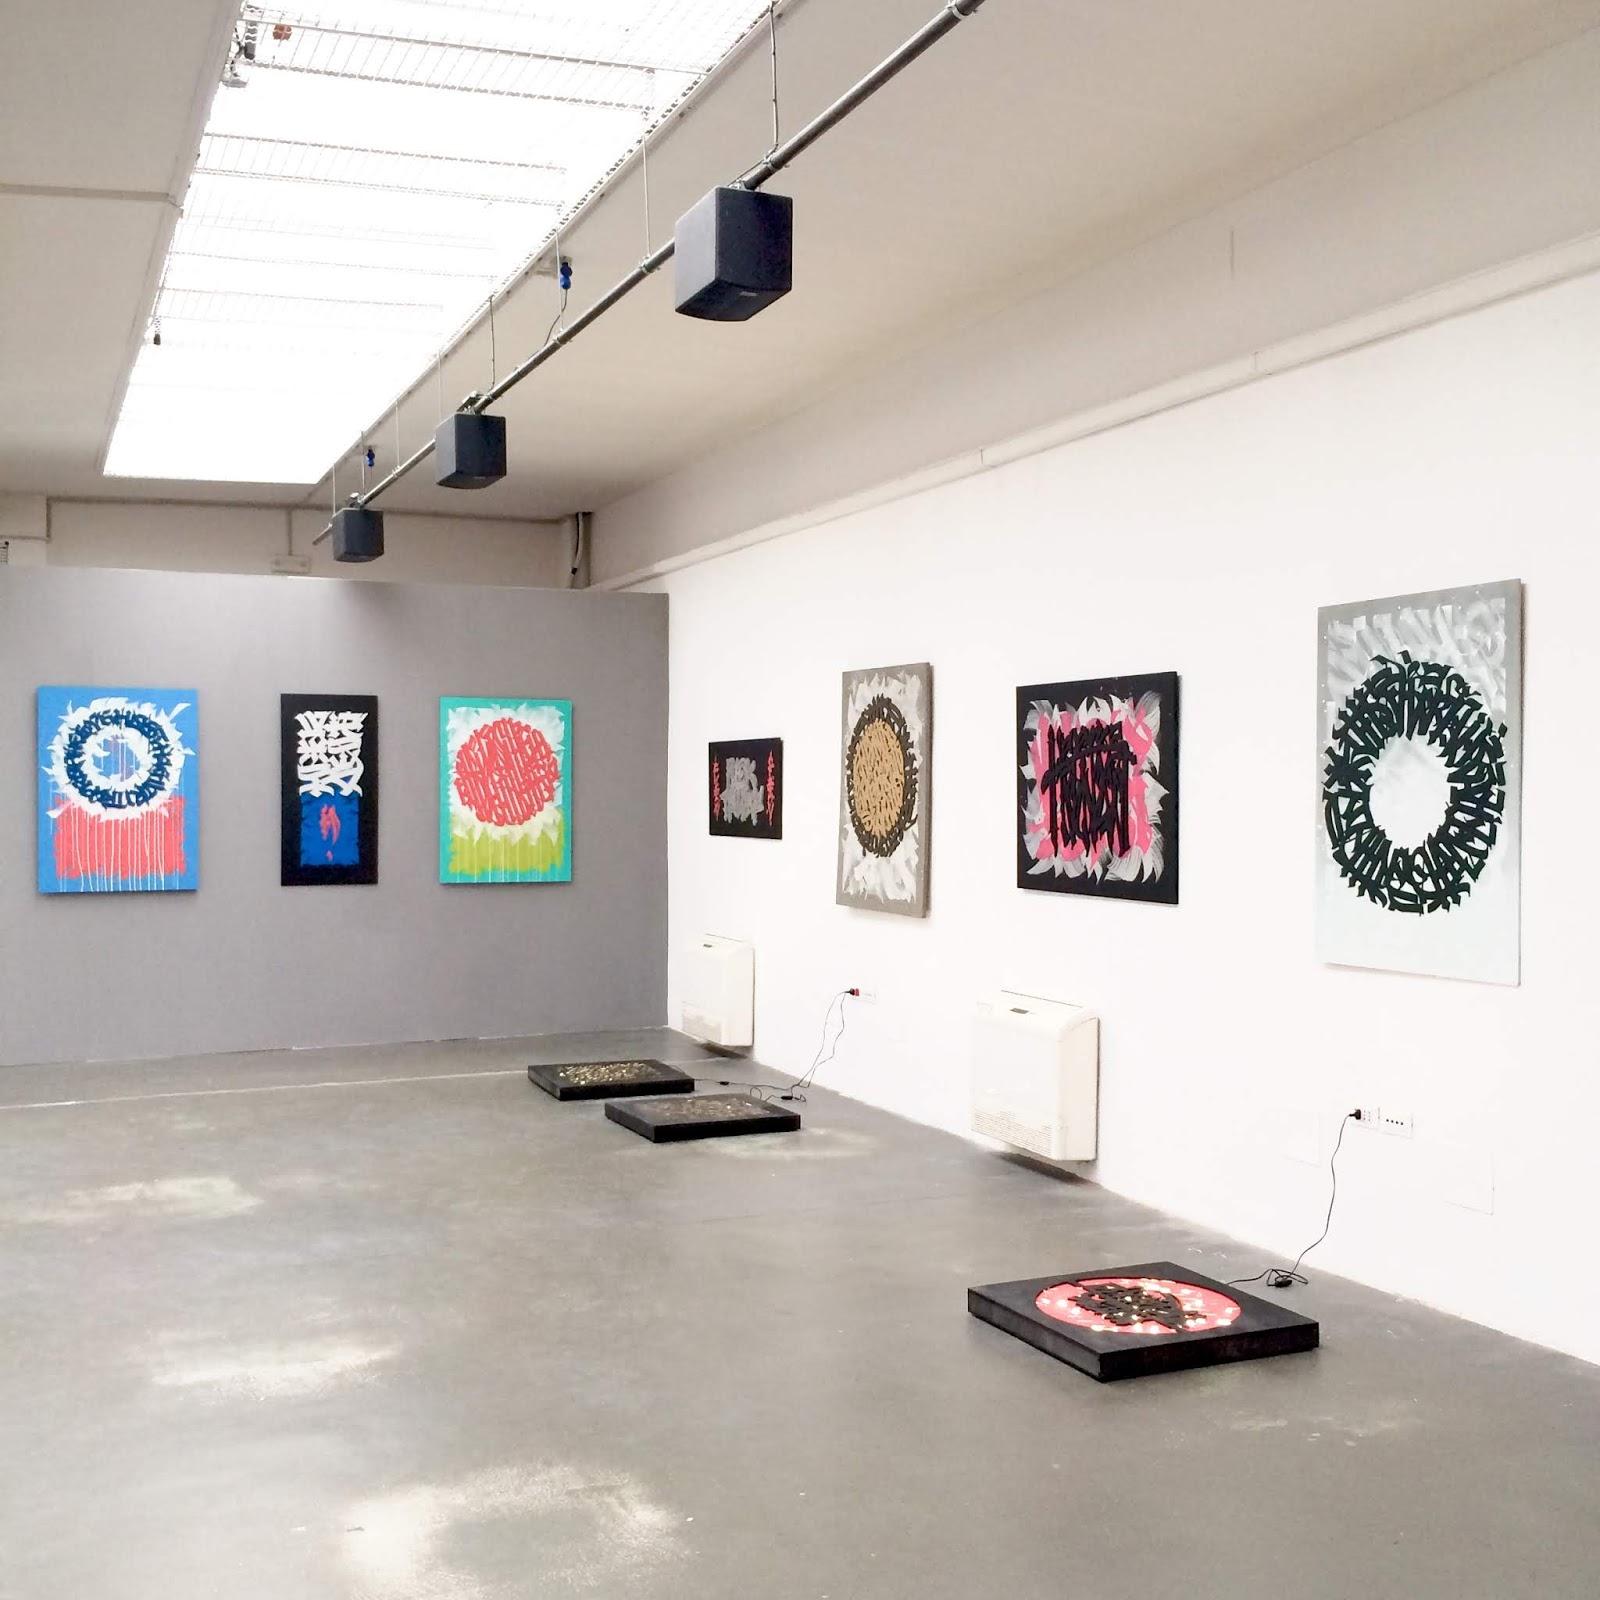 Exposición de Arte del artista contemporáneo mexicano Said Dokins